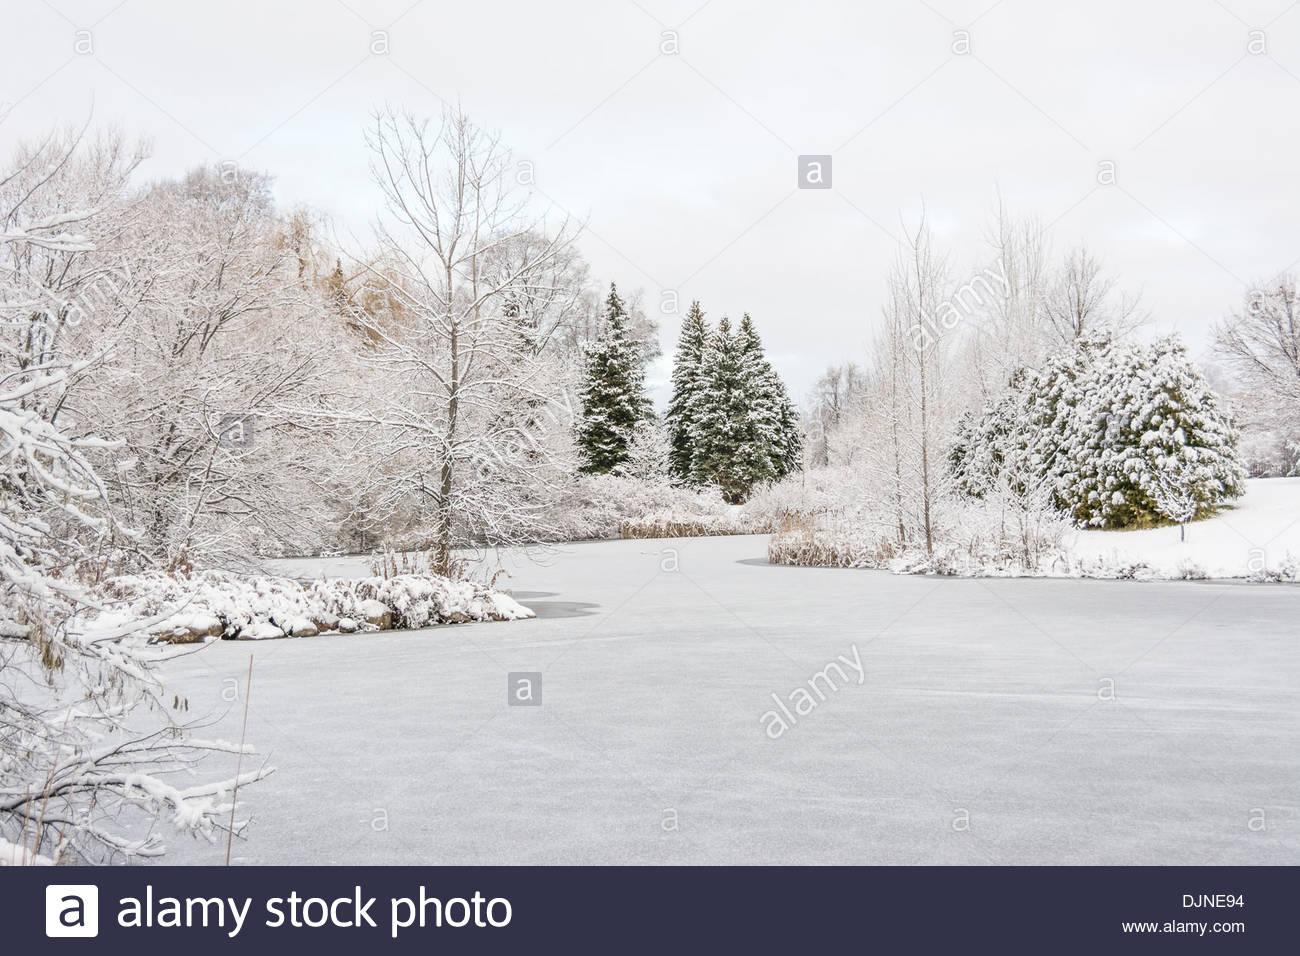 Foto Di Natale Neve Inverno 94.Meta Lago Ghiacciato O Stagno Dopo Una Tempesta Di Neve Nel Nord